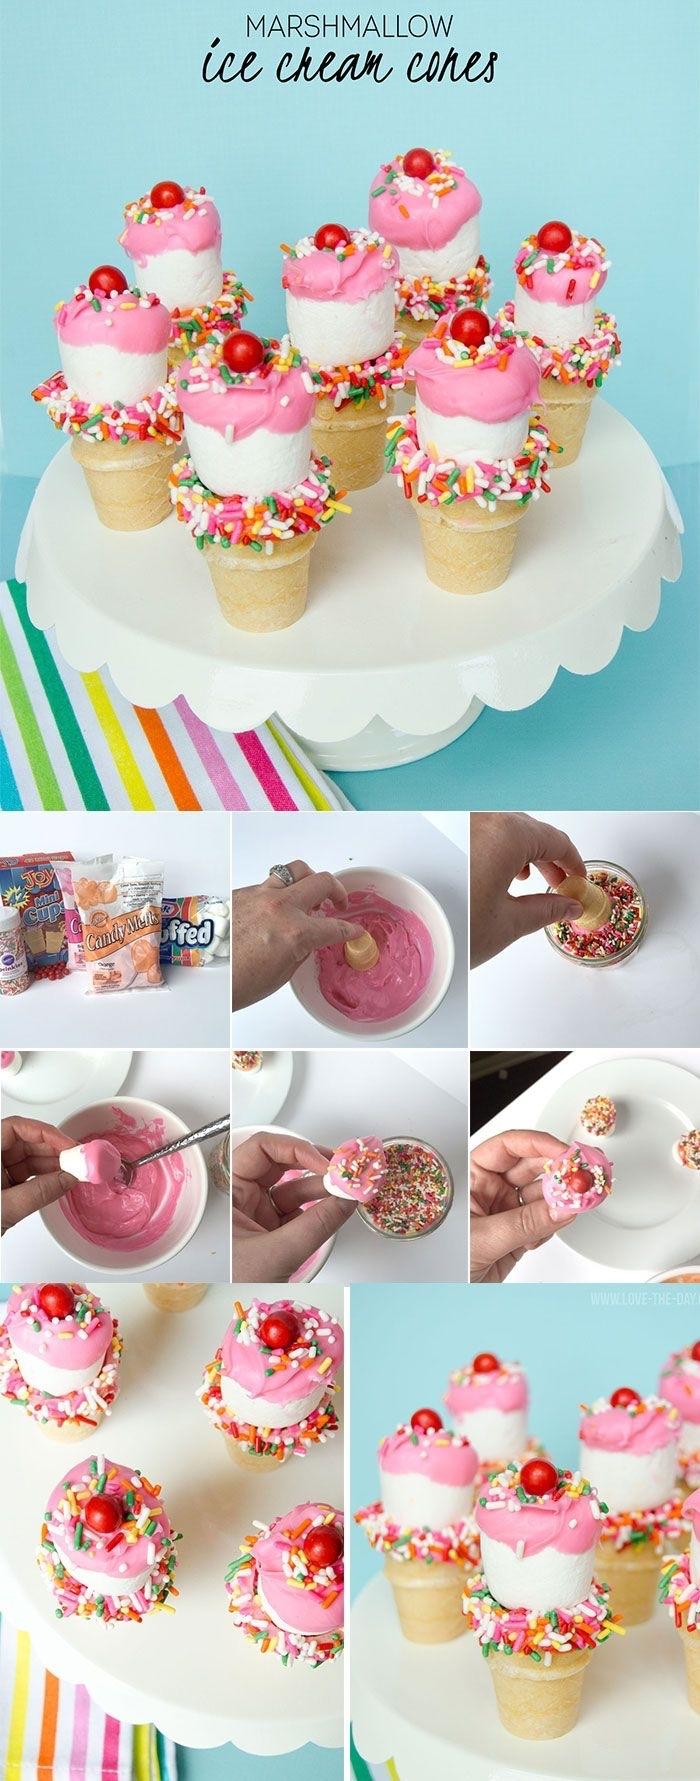 des petits cornets à la guimauve nature au glaçage de marshmallow fondu et à la décoration en sucre